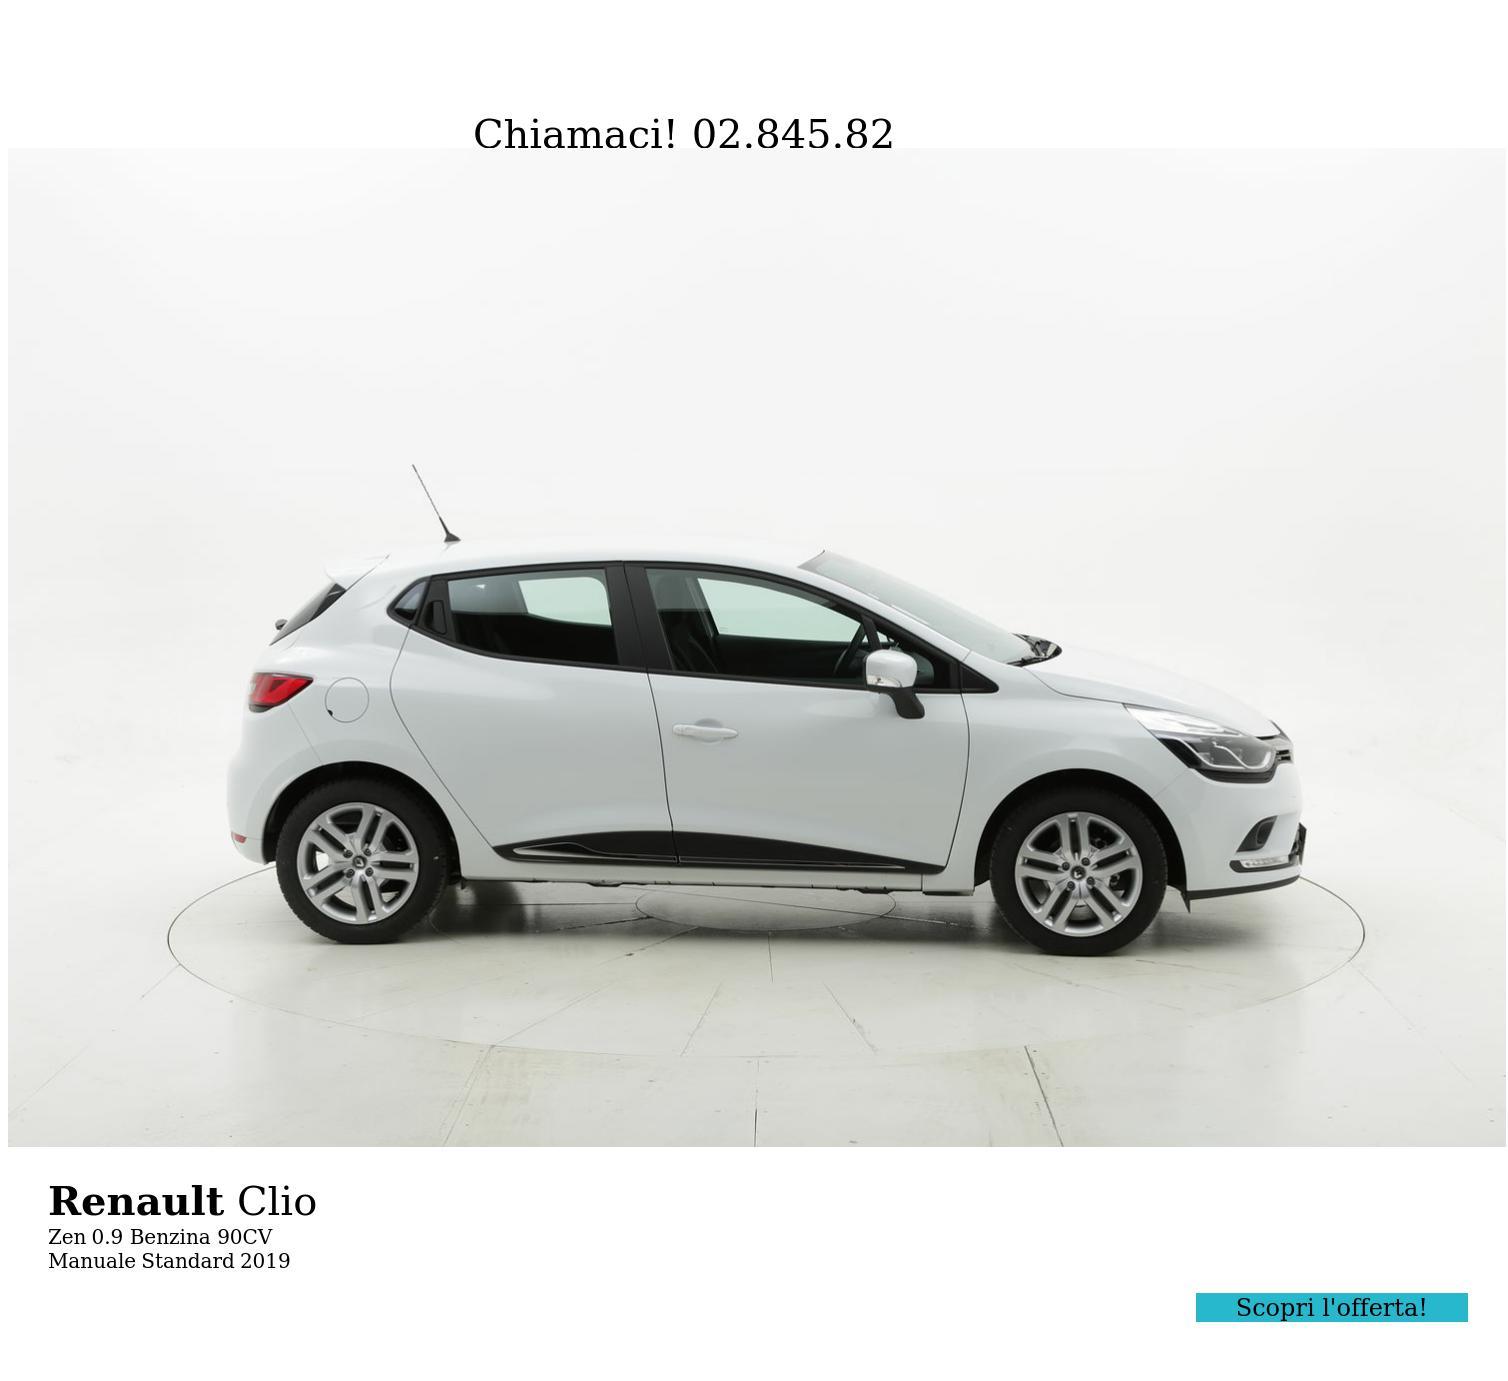 Renault Clio Zen km 0 benzina bianca | brumbrum